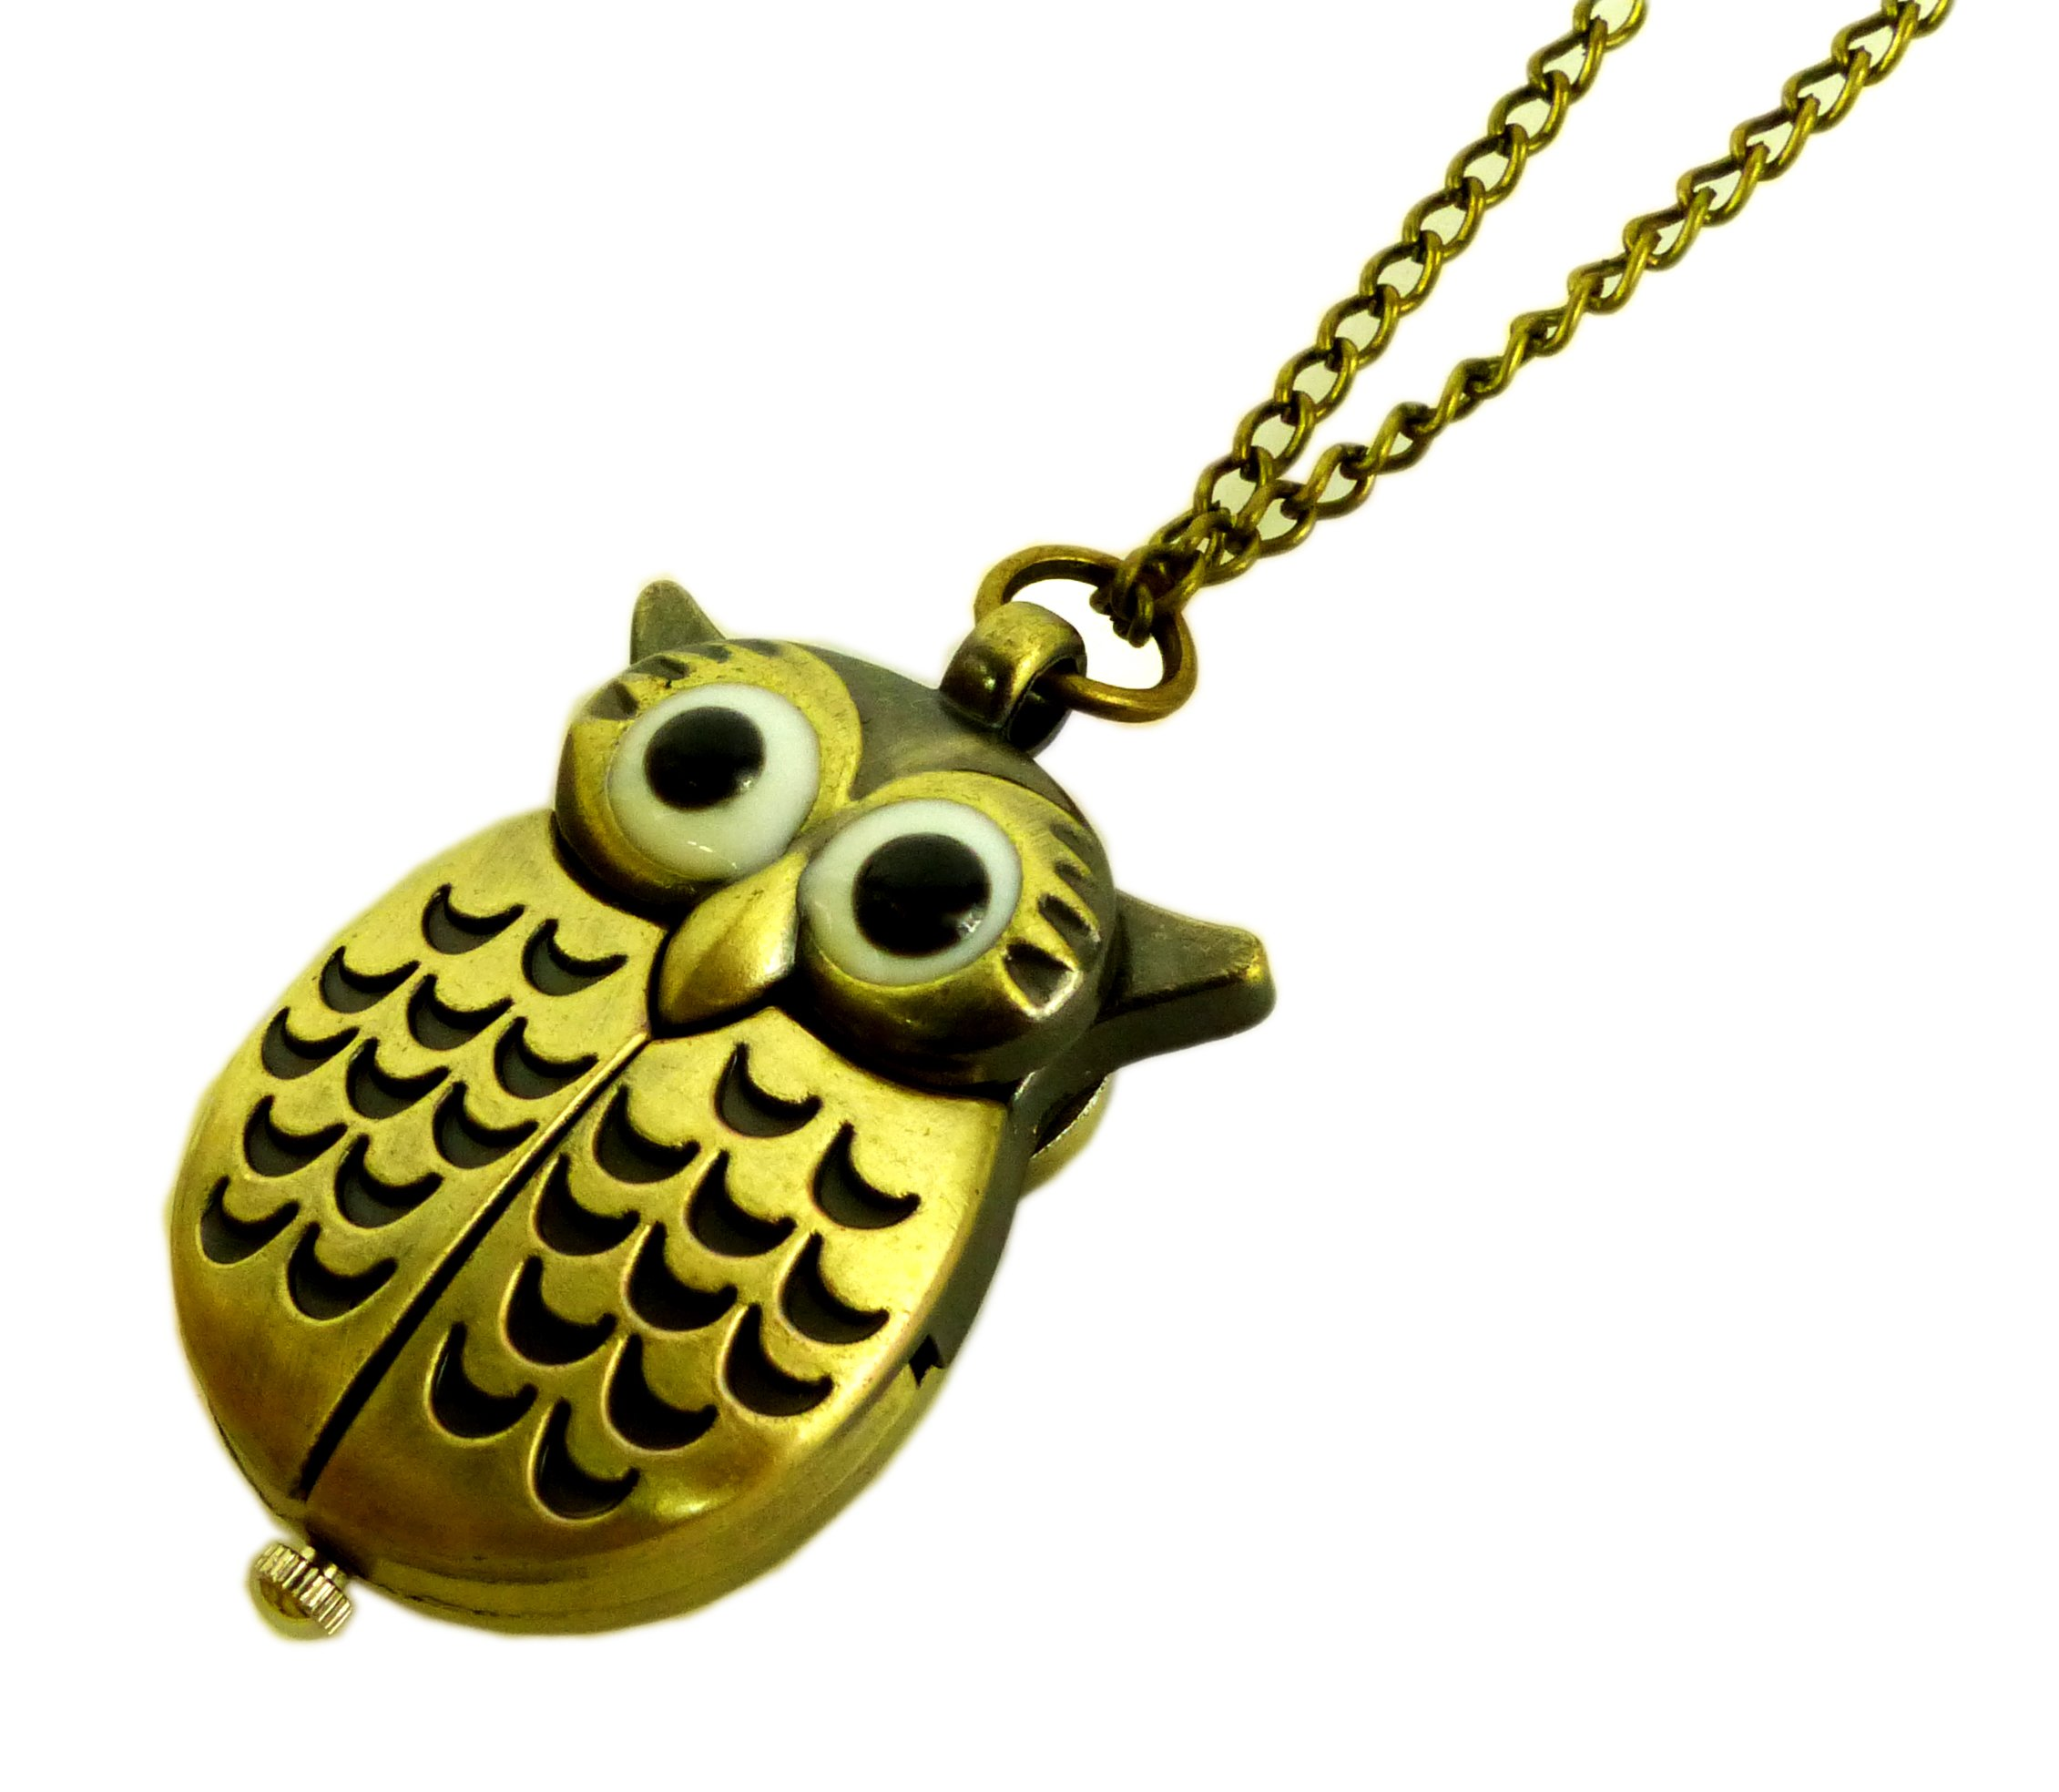 Halskette-Ketten-Uhr-Umhngeuhr-Taschenuhr-Eule-Filou-Bronze-3024